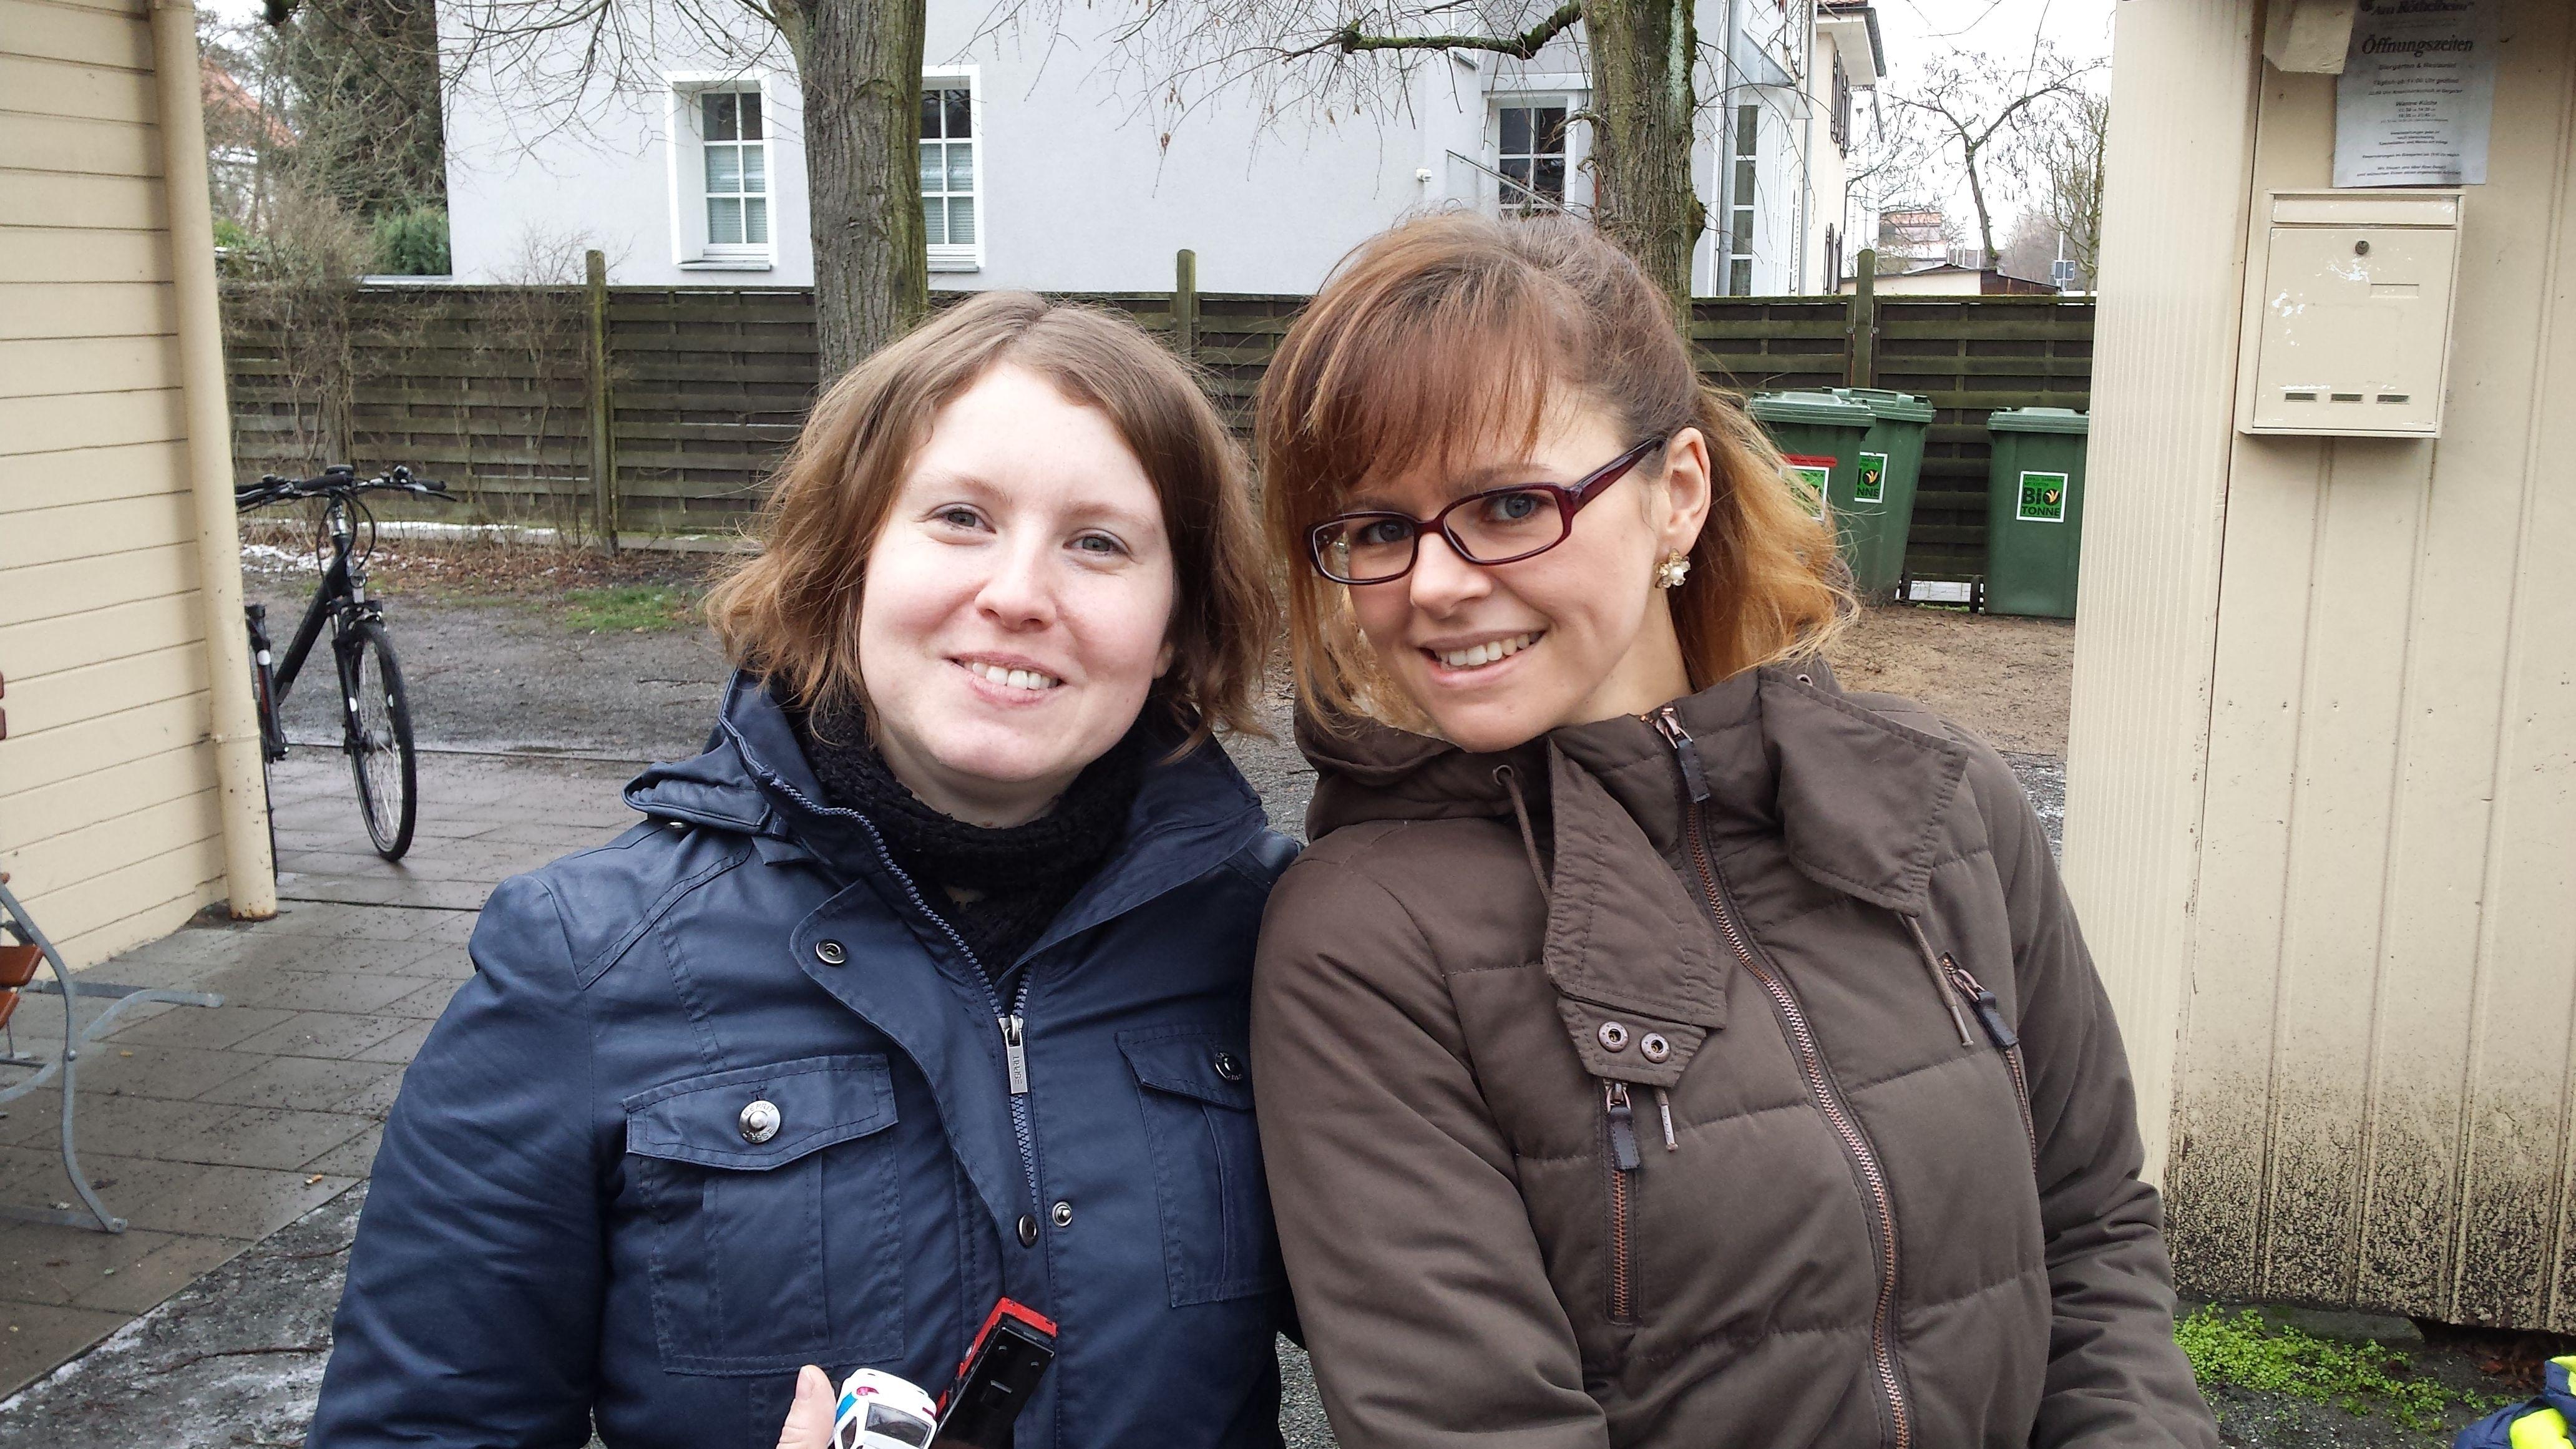 Anke und Marion - Gespräch unter Müttern_72dpi